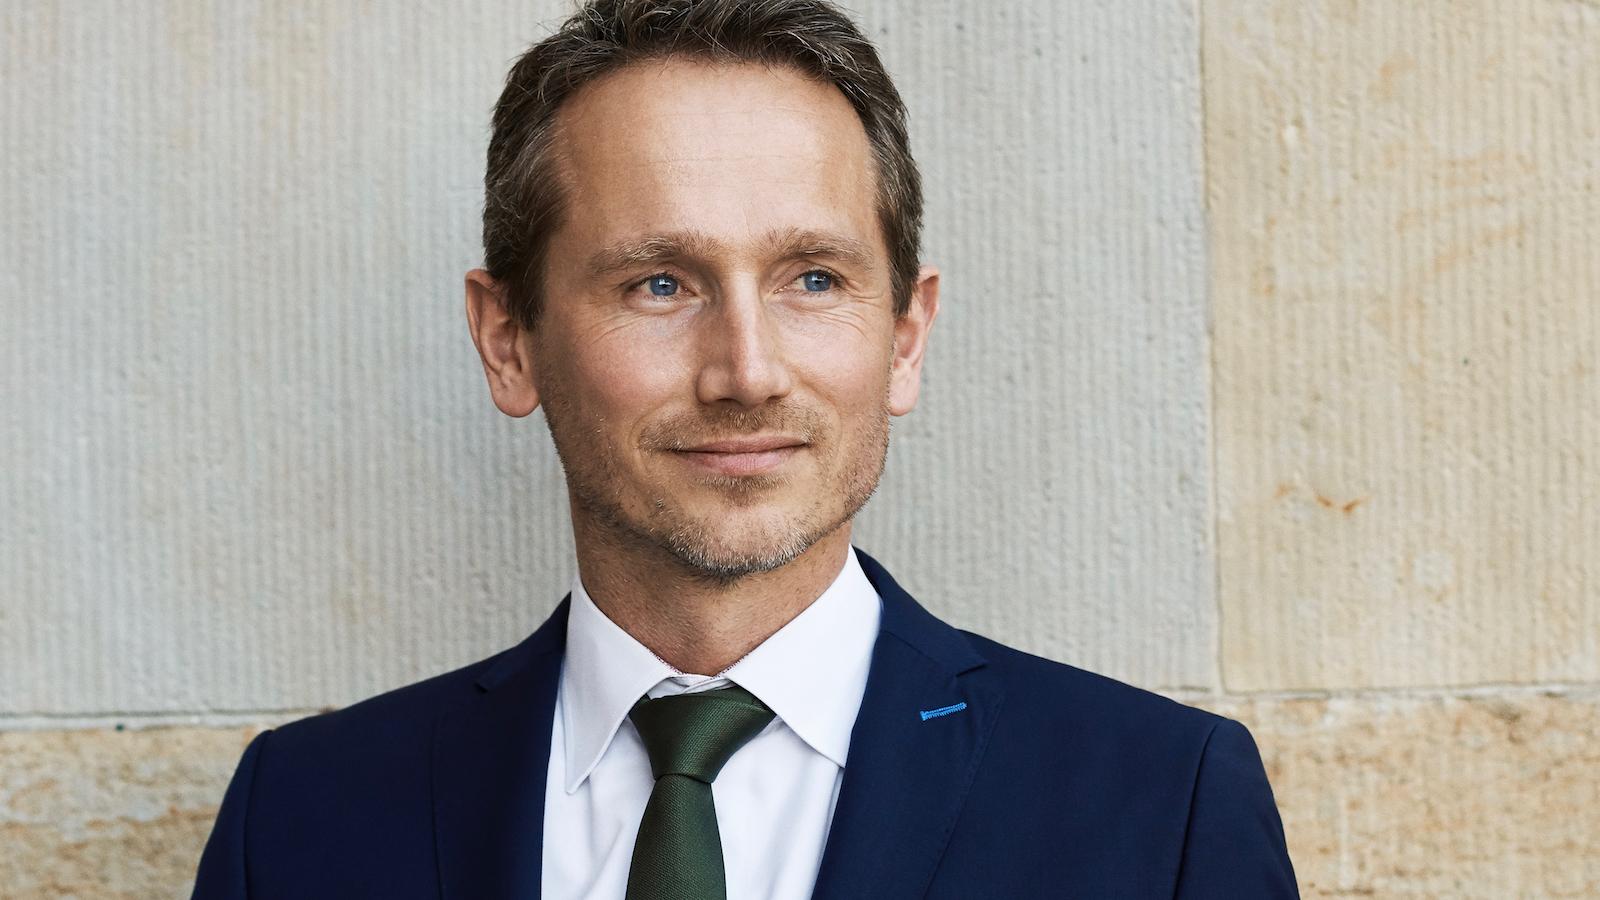 Kristian Jensen: Kom ud af ekkokammeret. Demokratiet kræver, at man faktisk debatterer med sine modstandere